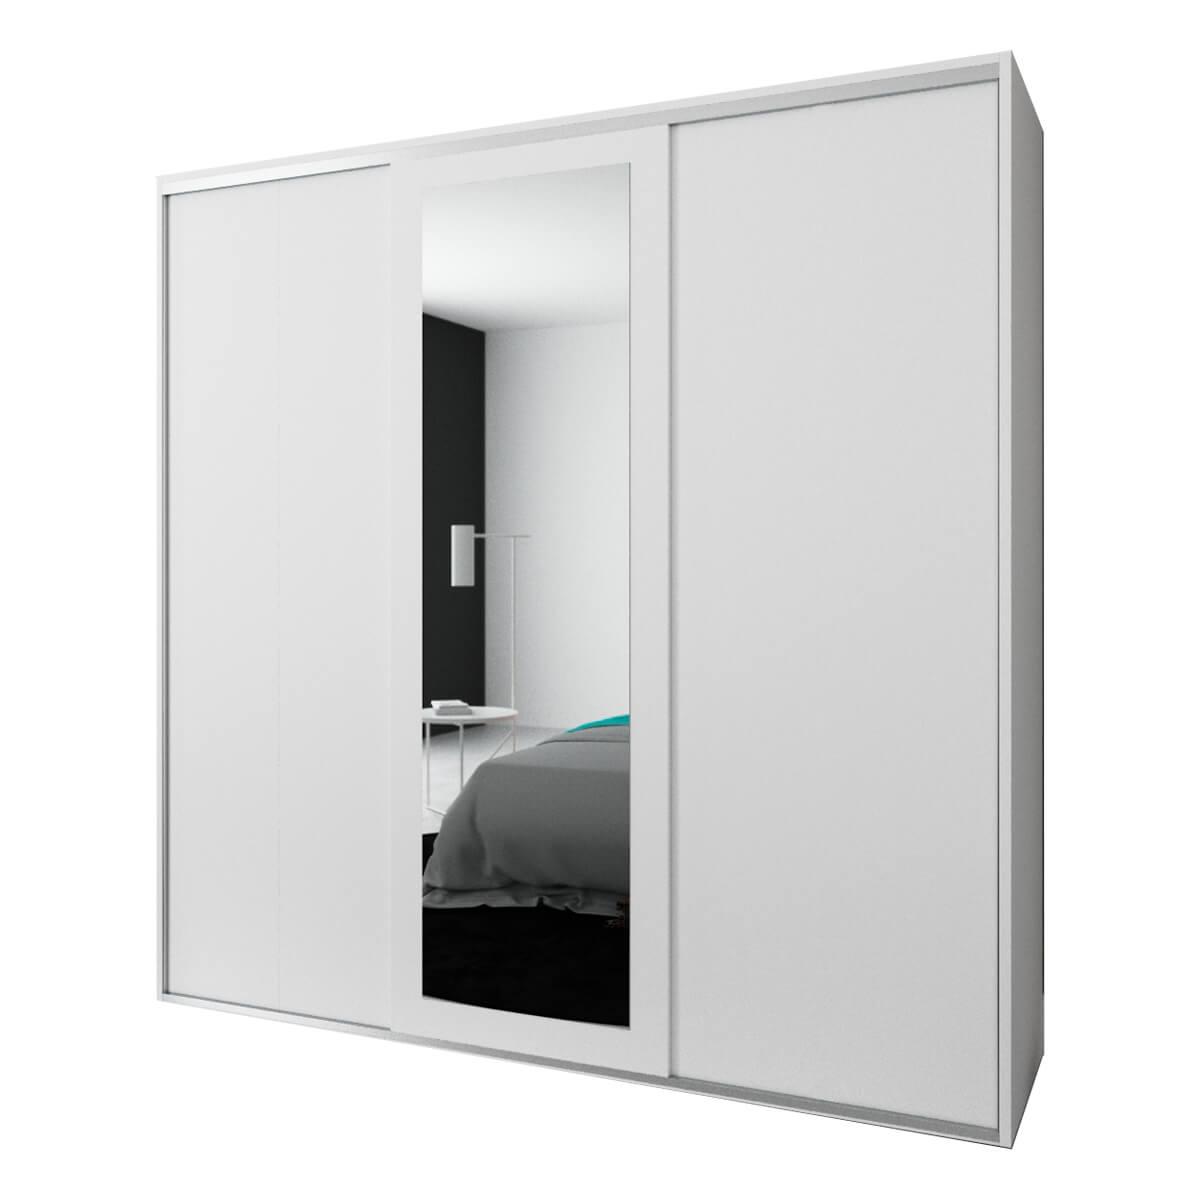 Armario 3 Puertas Correderas Con Espejo Viena 235x232x60 Cm Mueblam